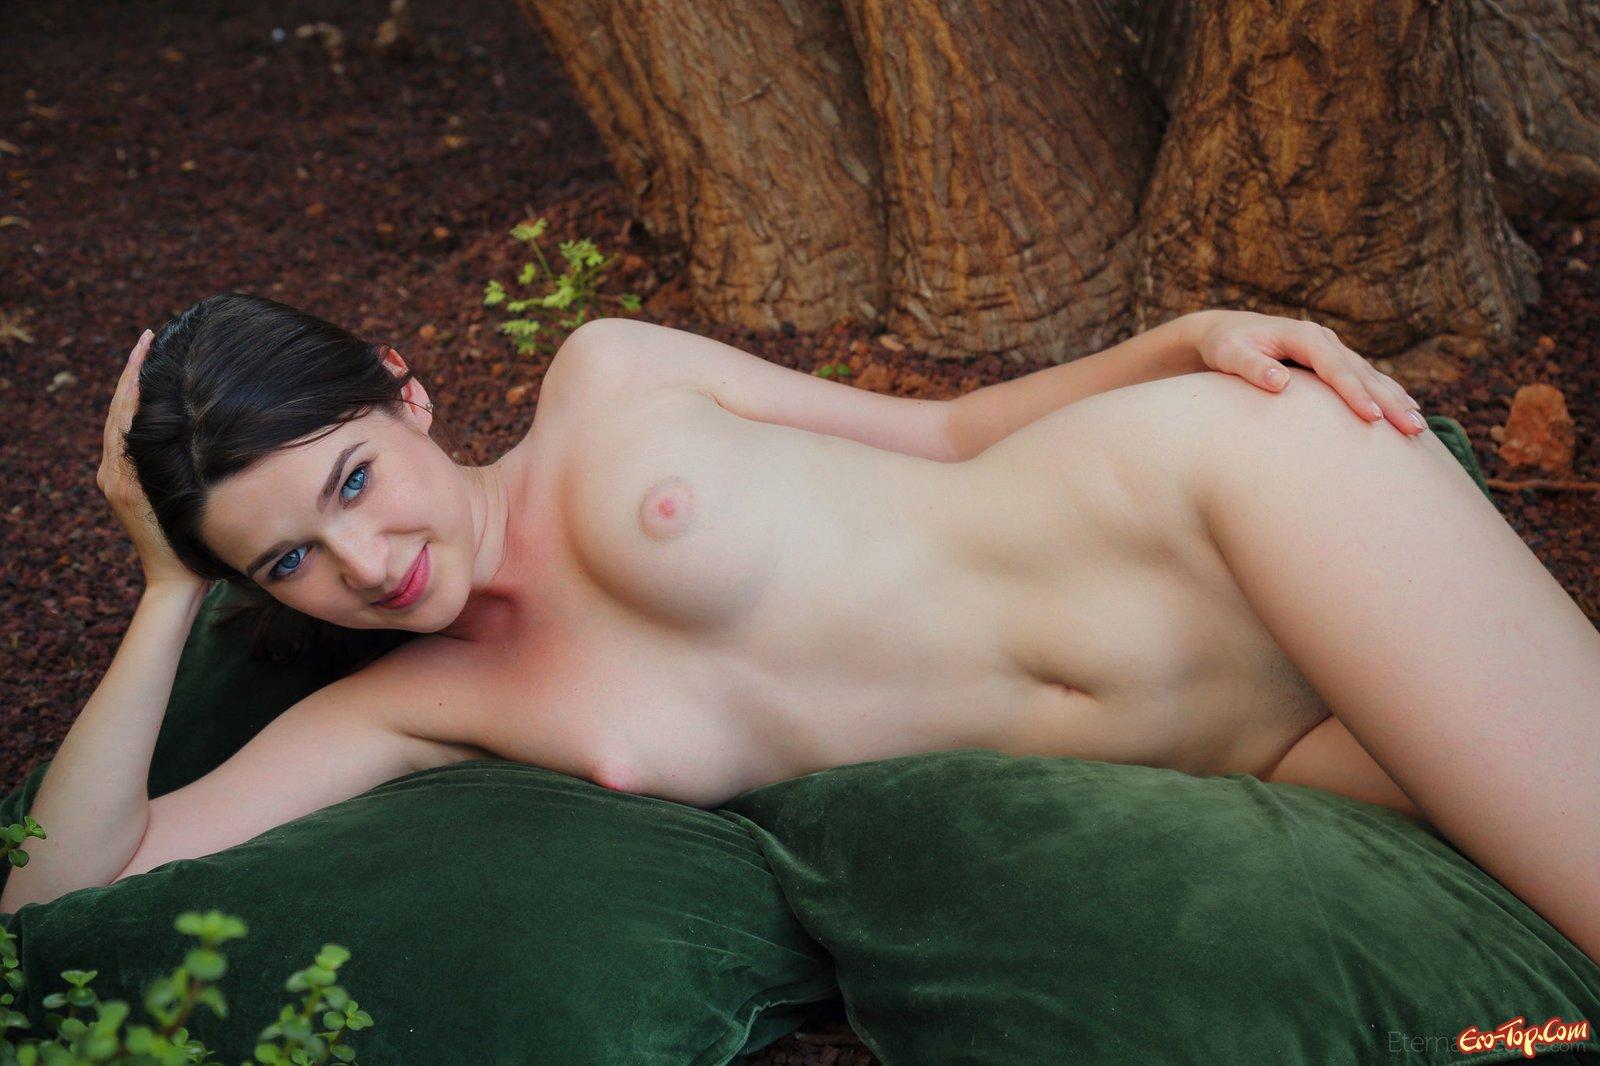 Красоточка обнажает вульву и попу в саду